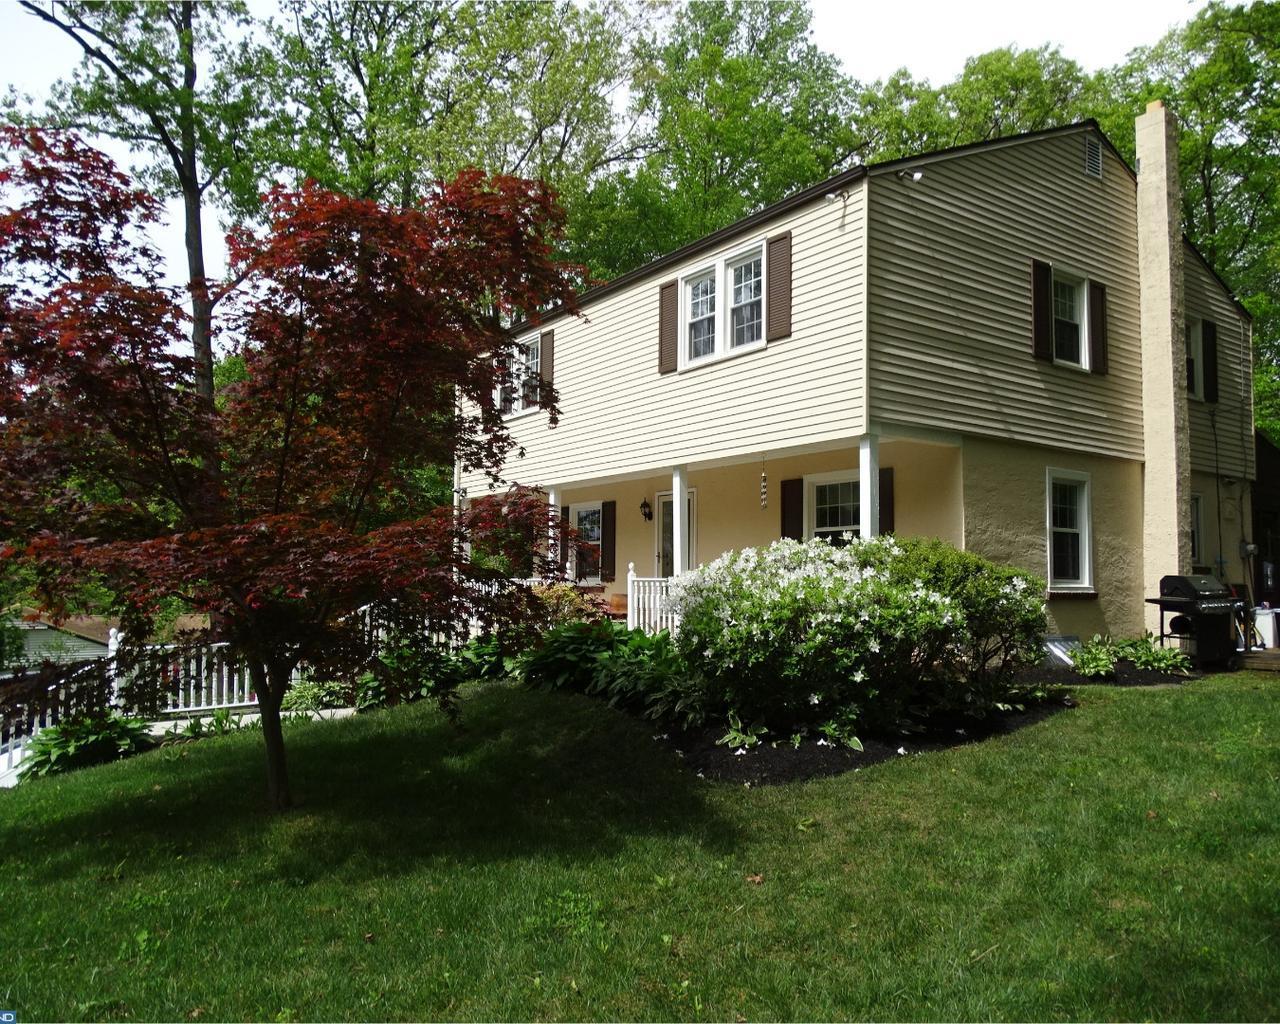 Property for sale at 72 CAROL LN, Malvern,  PA 19355